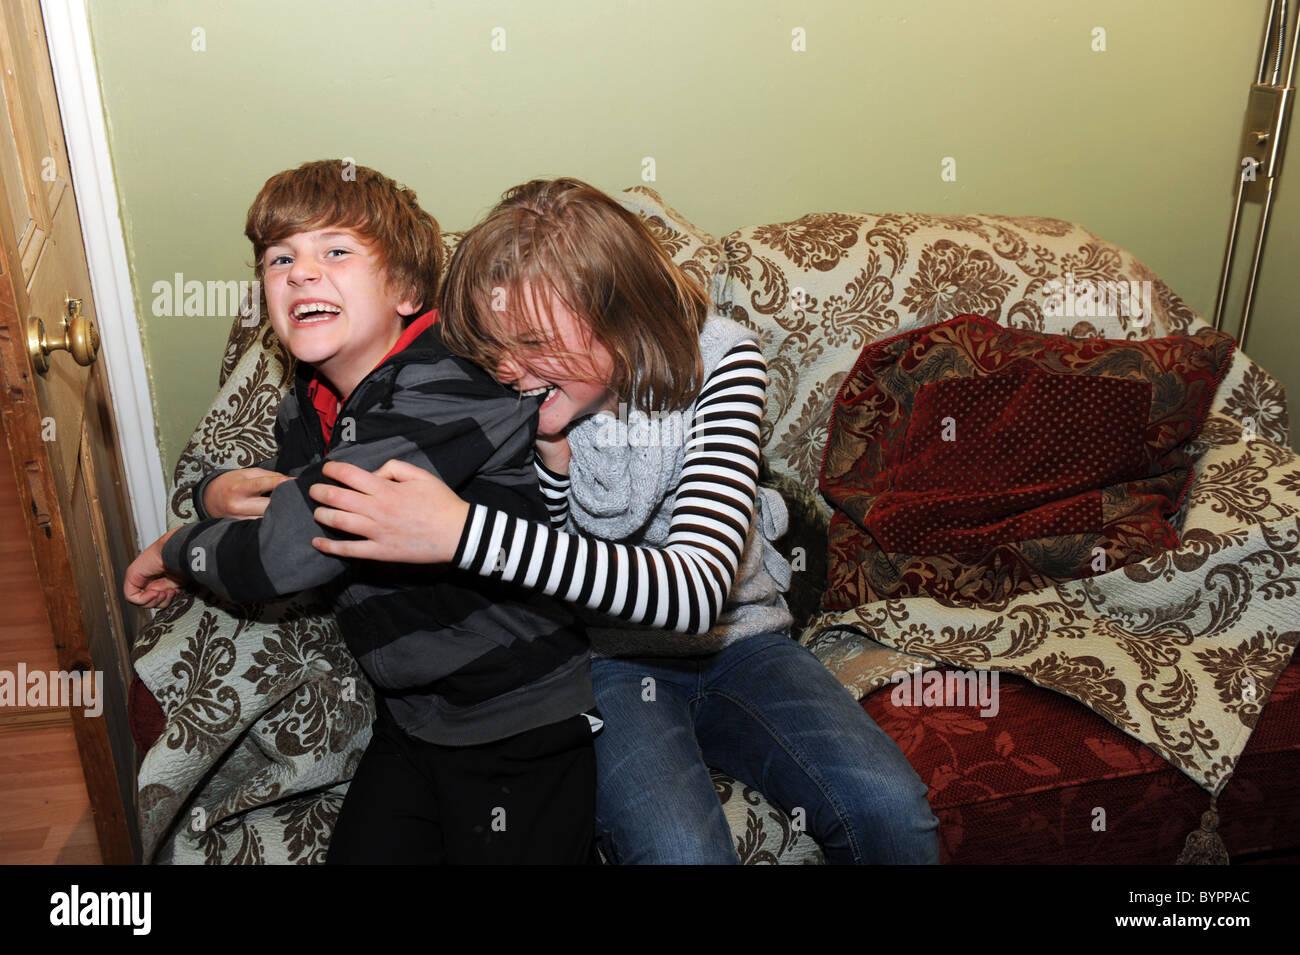 Eine Schwester und einen Bruder zu kämpfen, im Wohnzimmer Modell veröffentlicht Stockbild